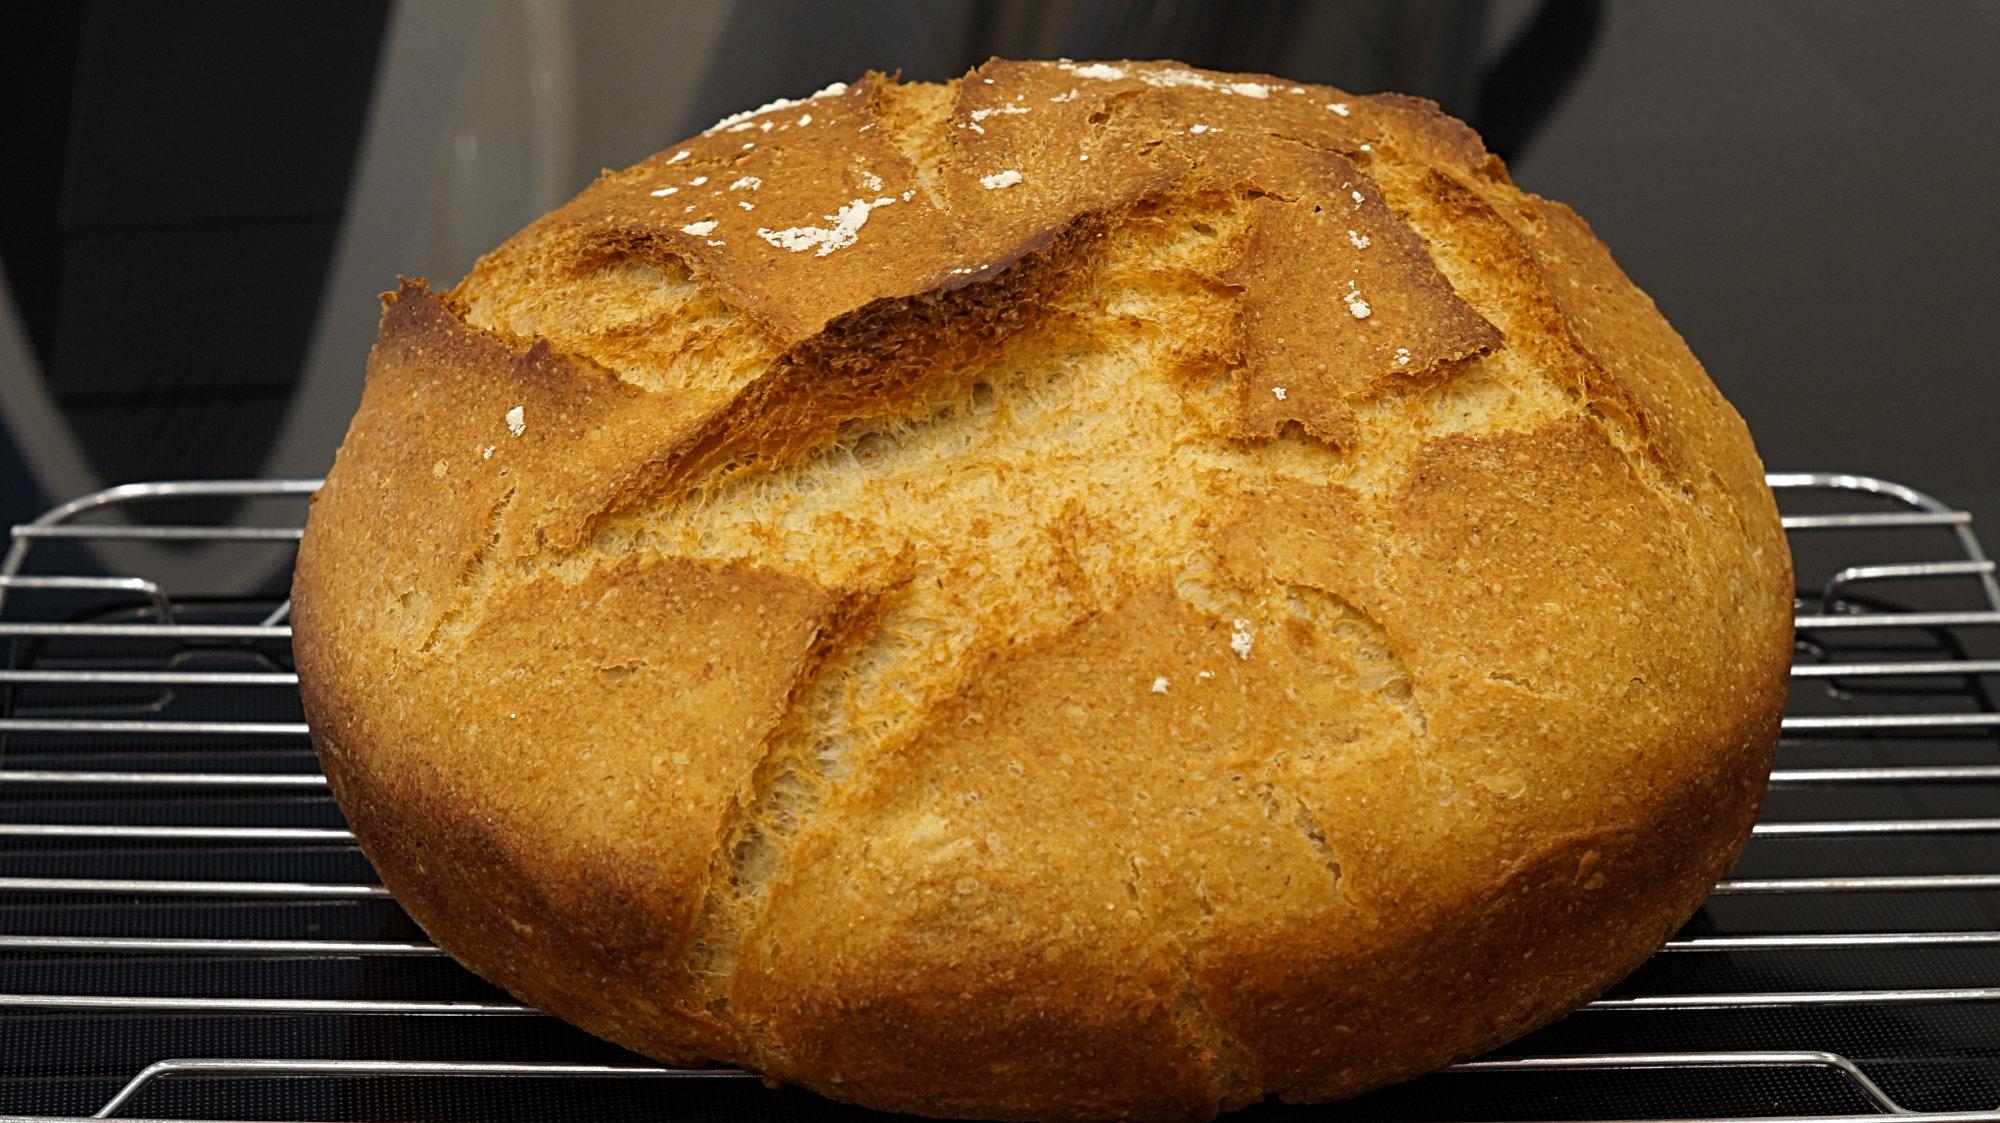 Französisches Brot im Bräter